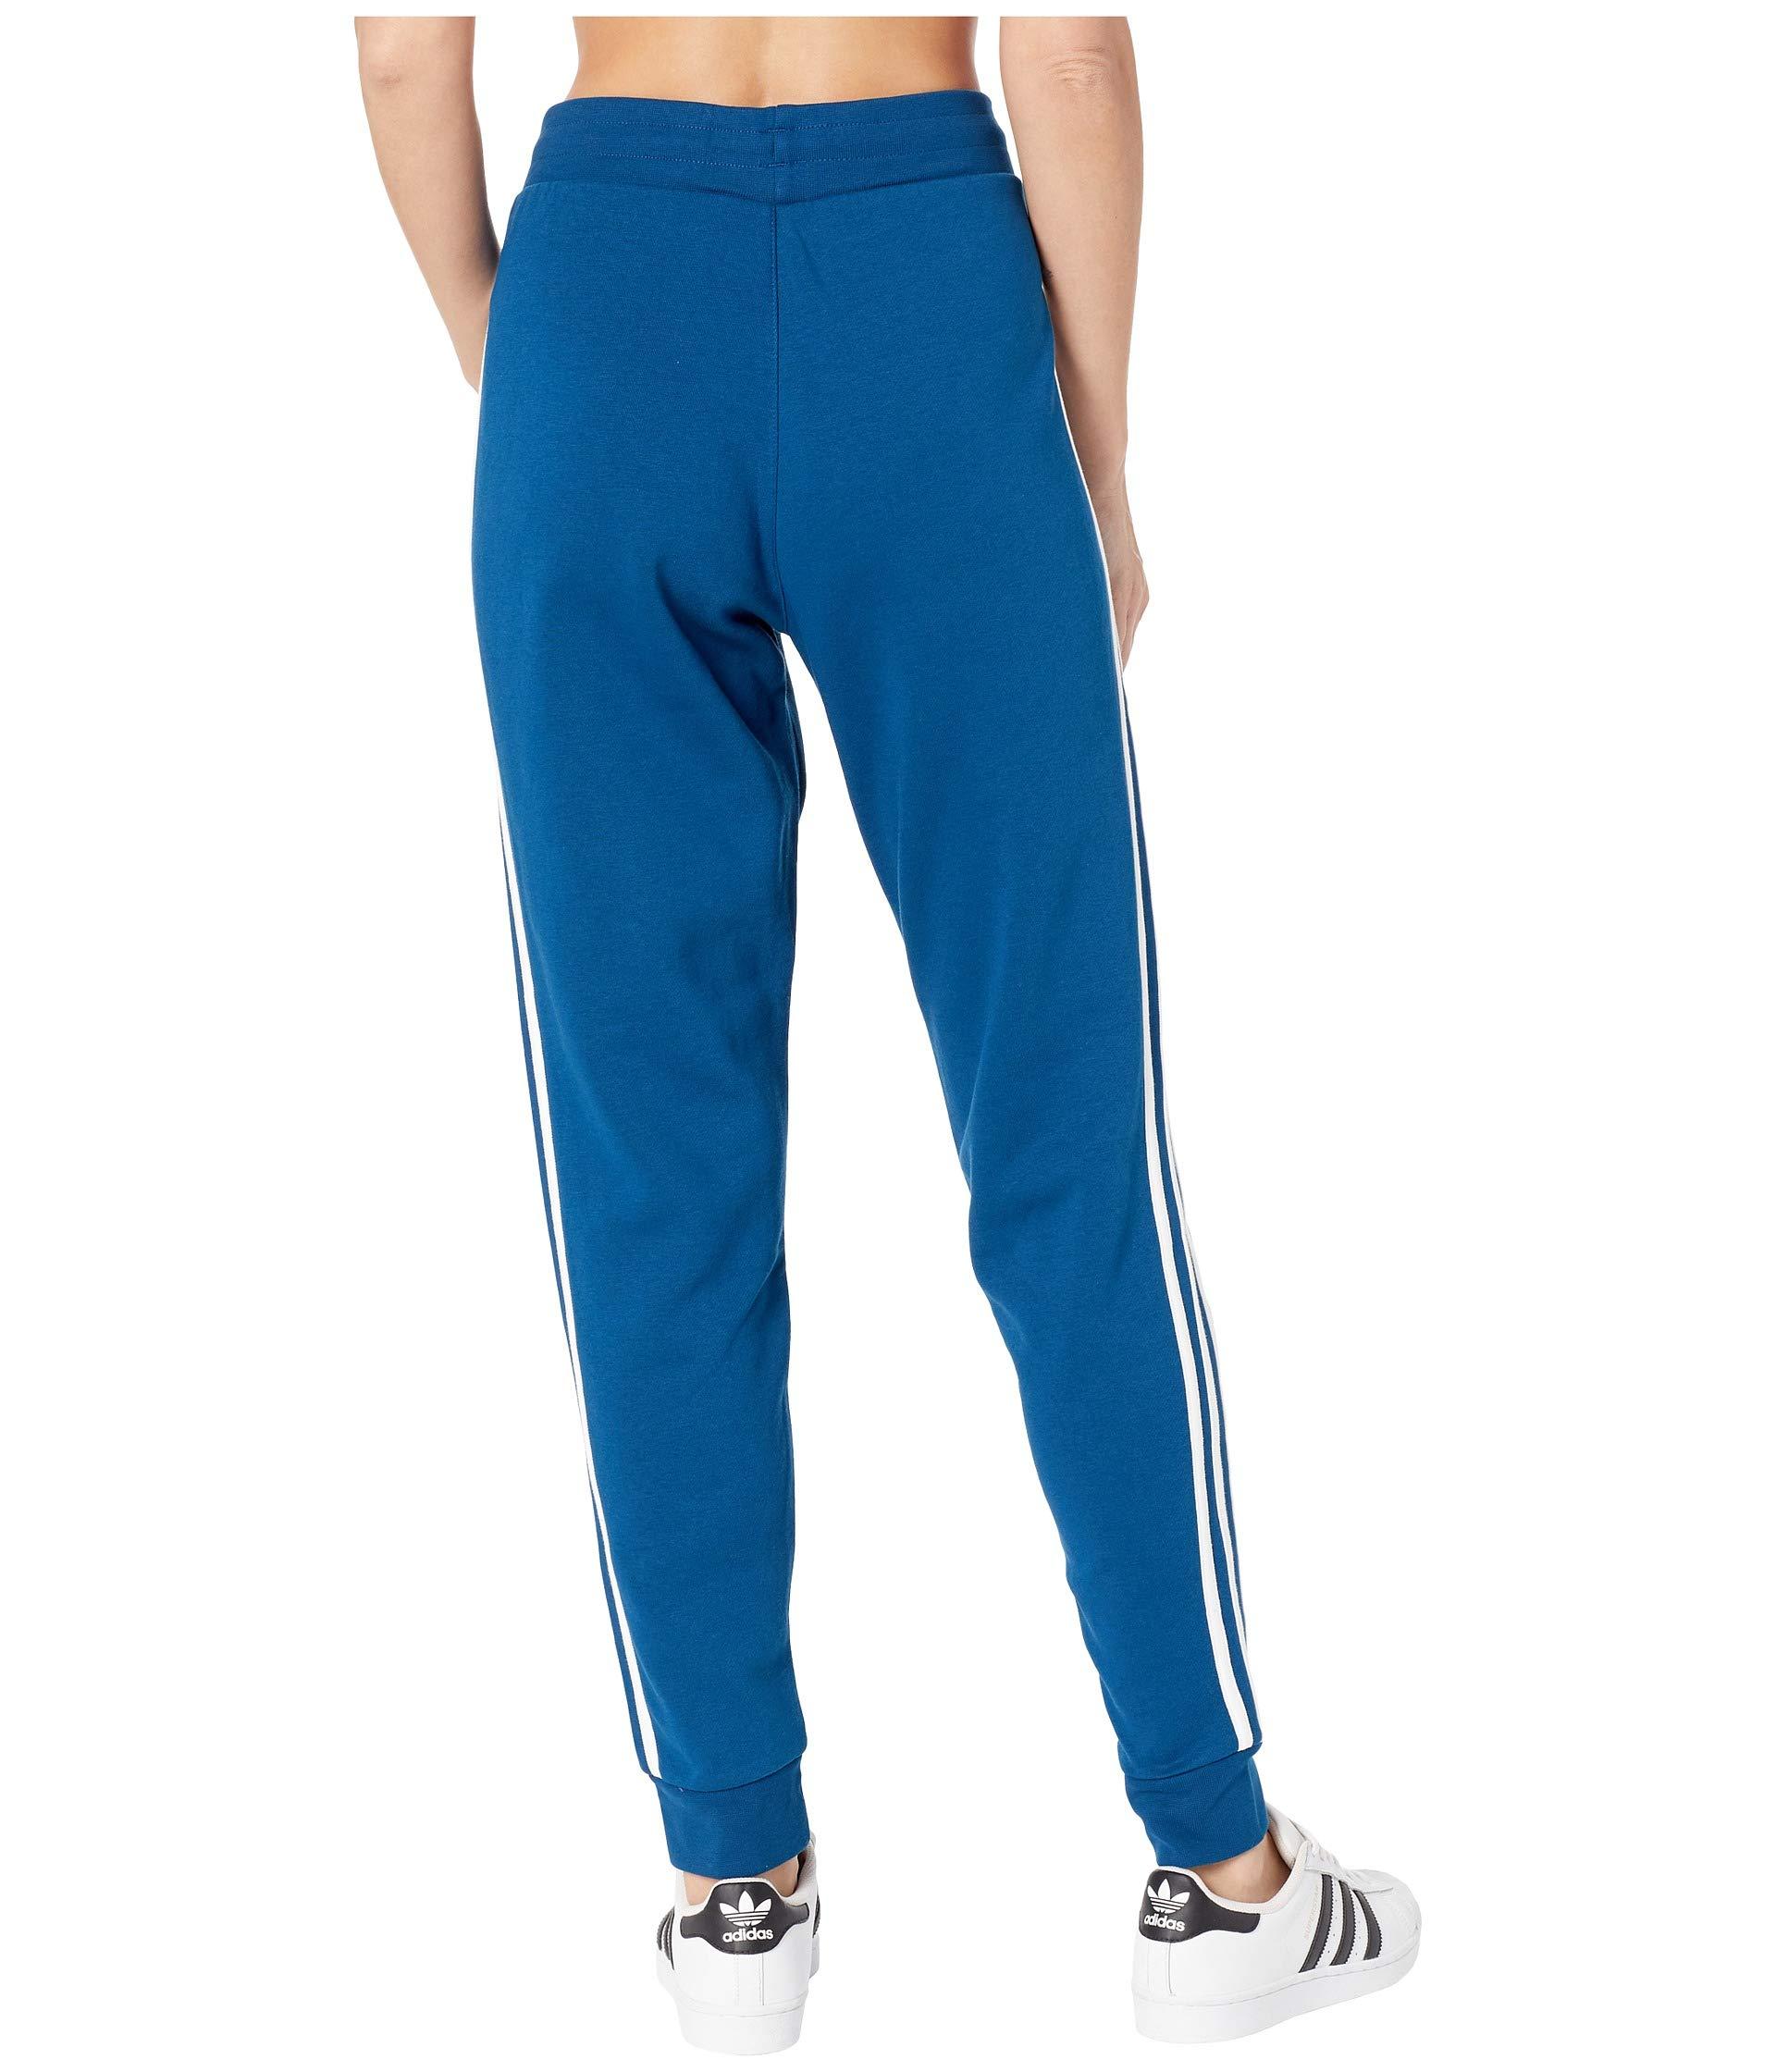 Originals Pants 3 Legend Marine stripes Adidas aY4qwdSq